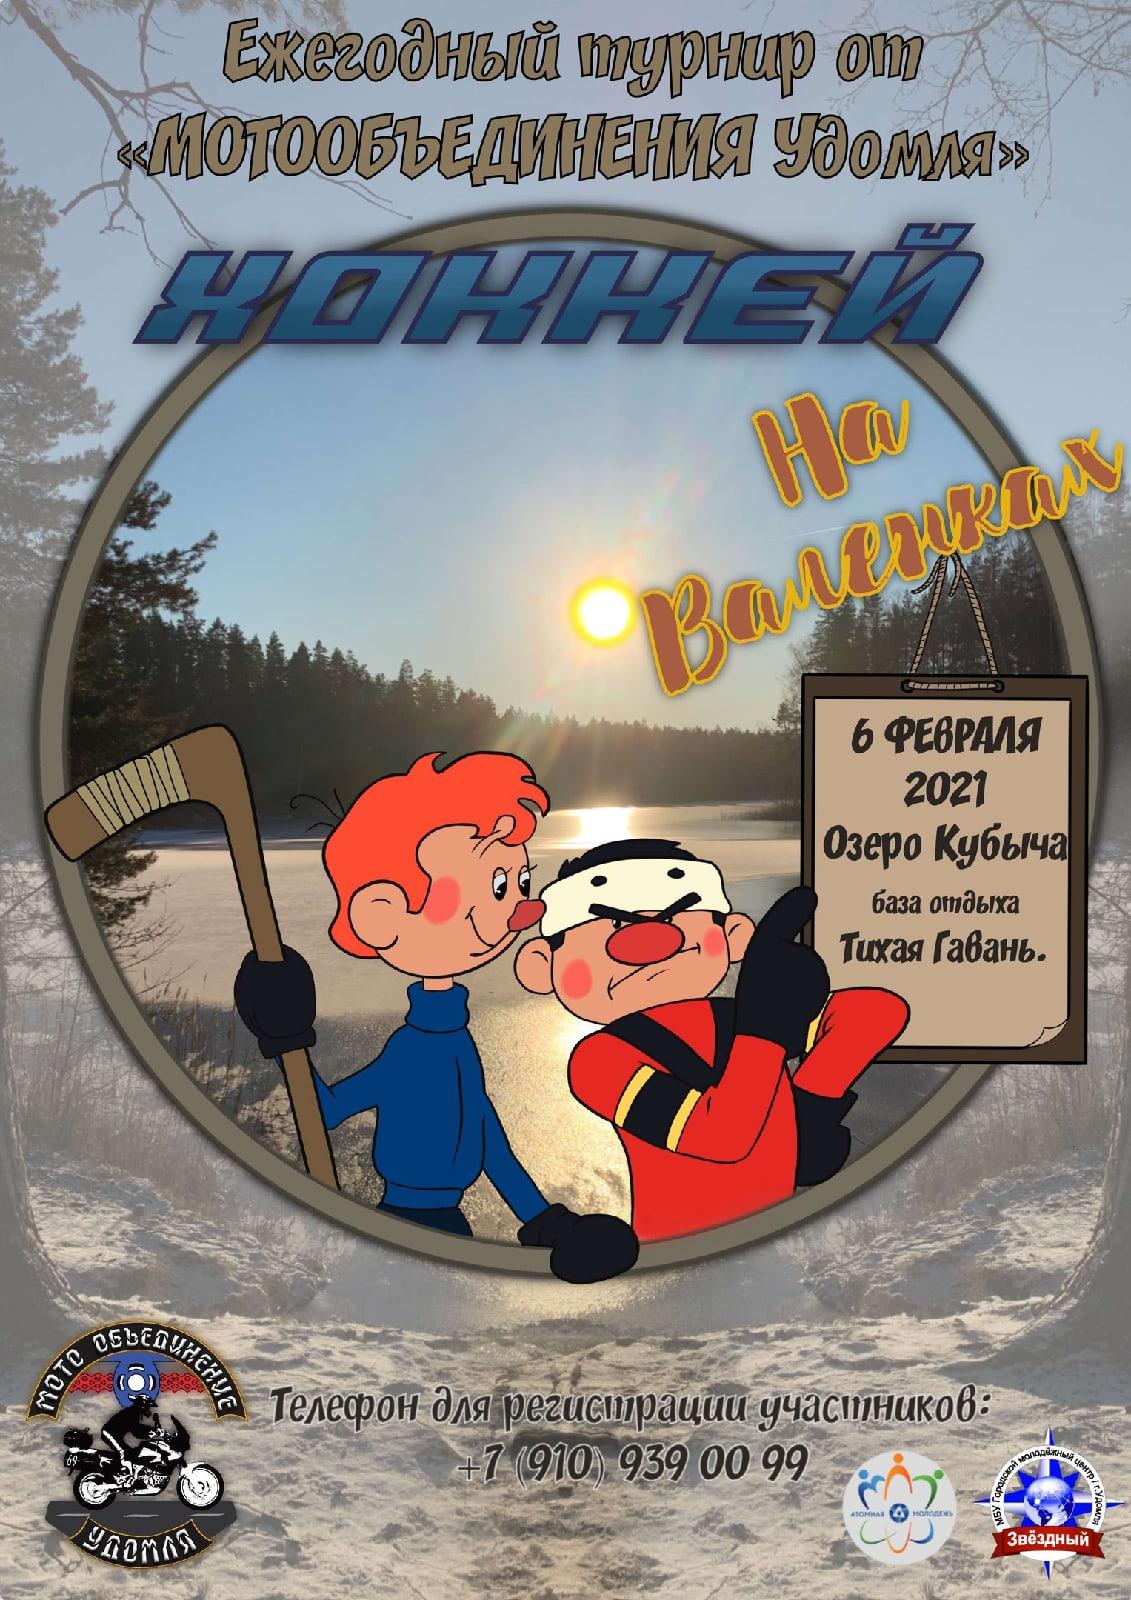 В Тверской области мотоциклисты сыграют в хоккей на валенках